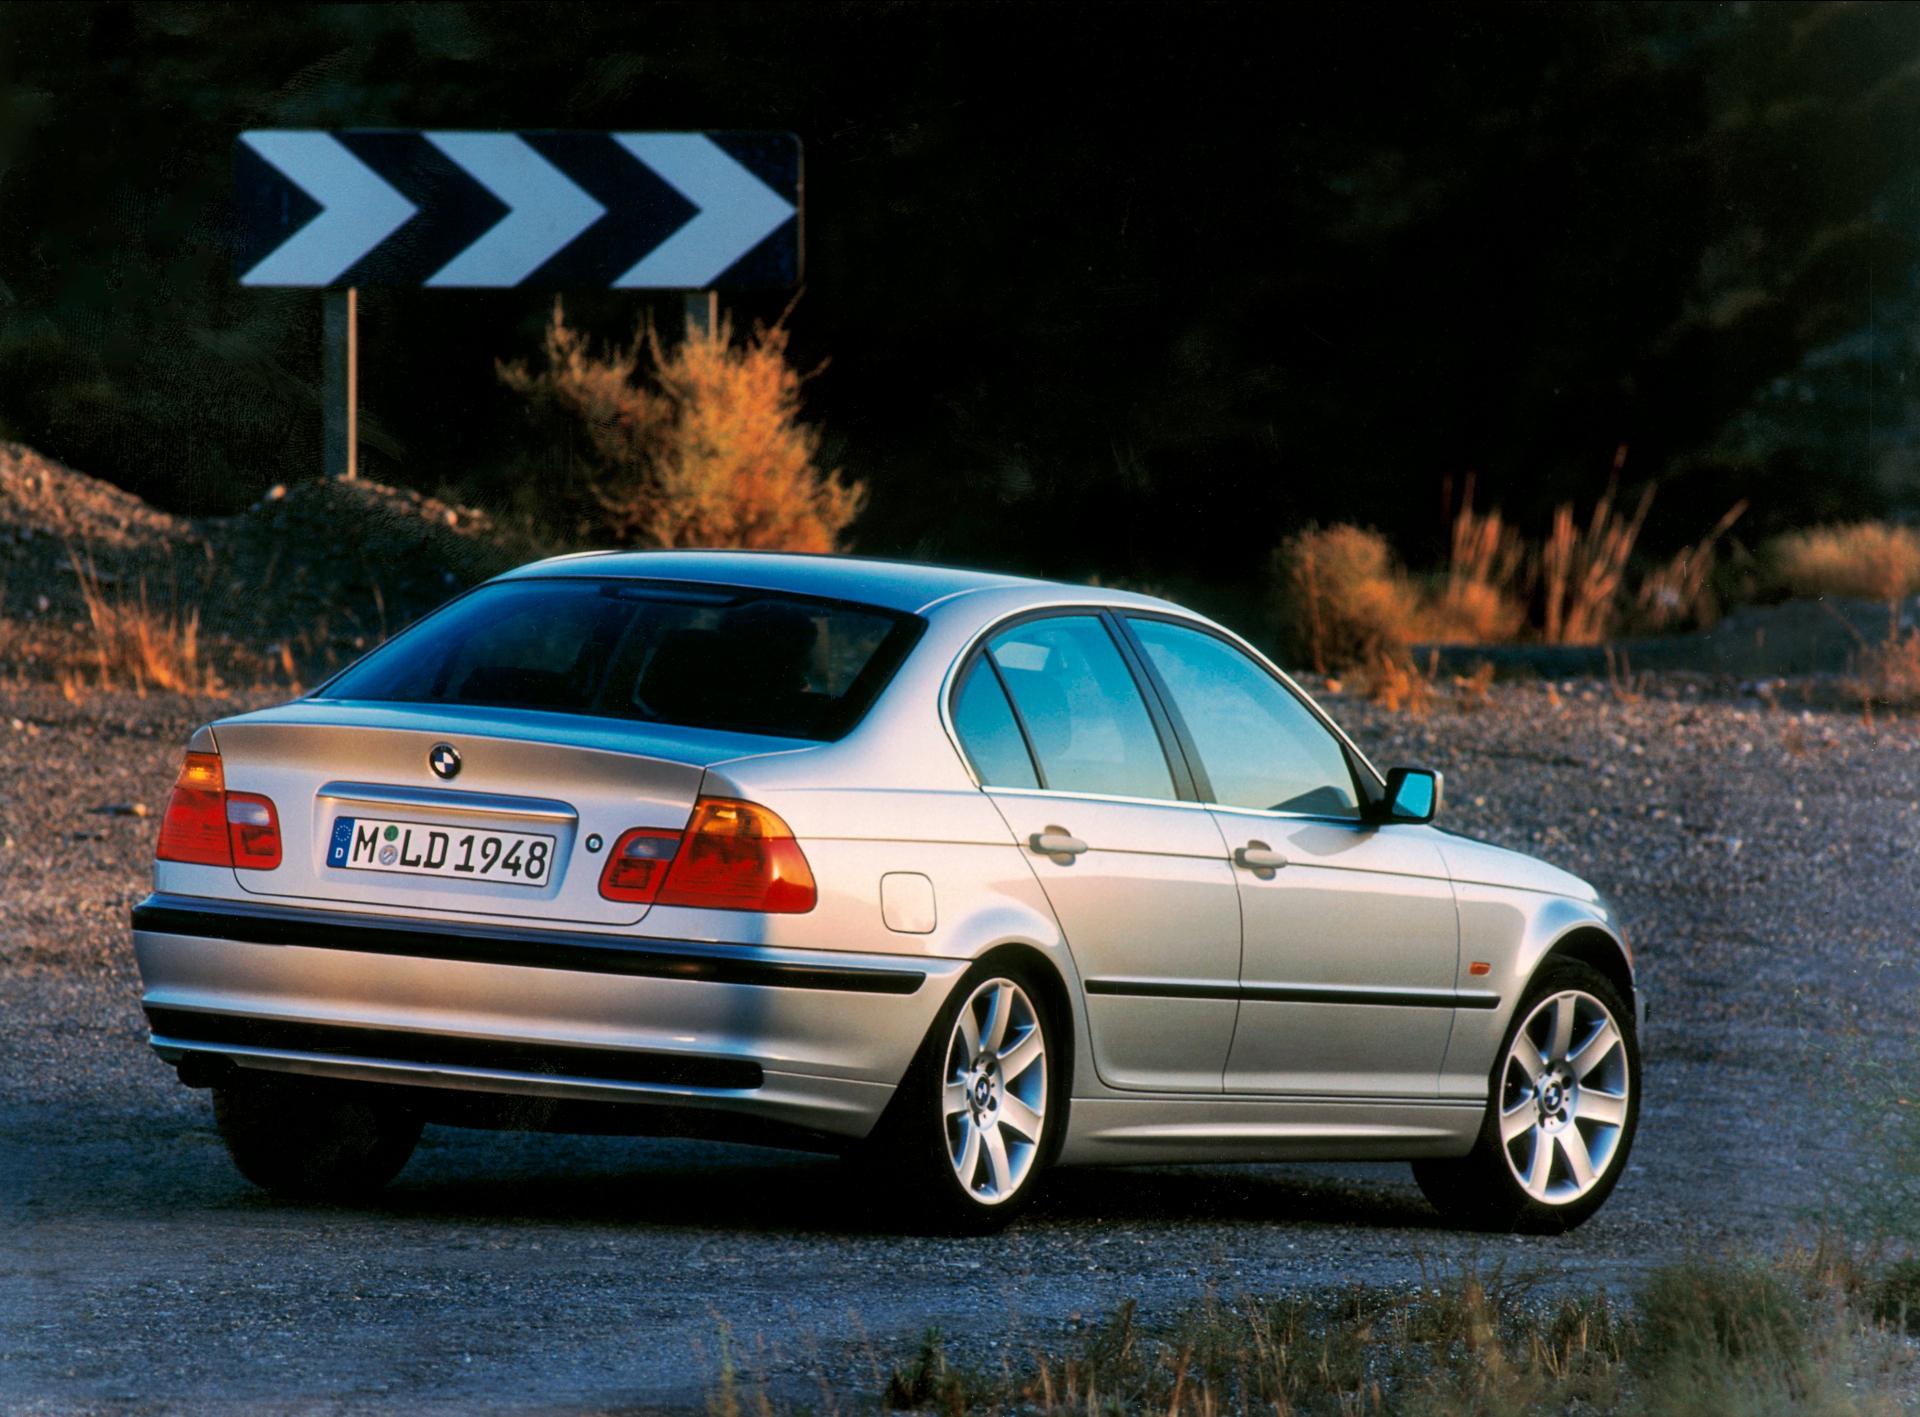 Recalls Honda Com >> BMW Recalls Nearly all BMW E46 3 Series Ever Made over Faulty Airbags - autoevolution